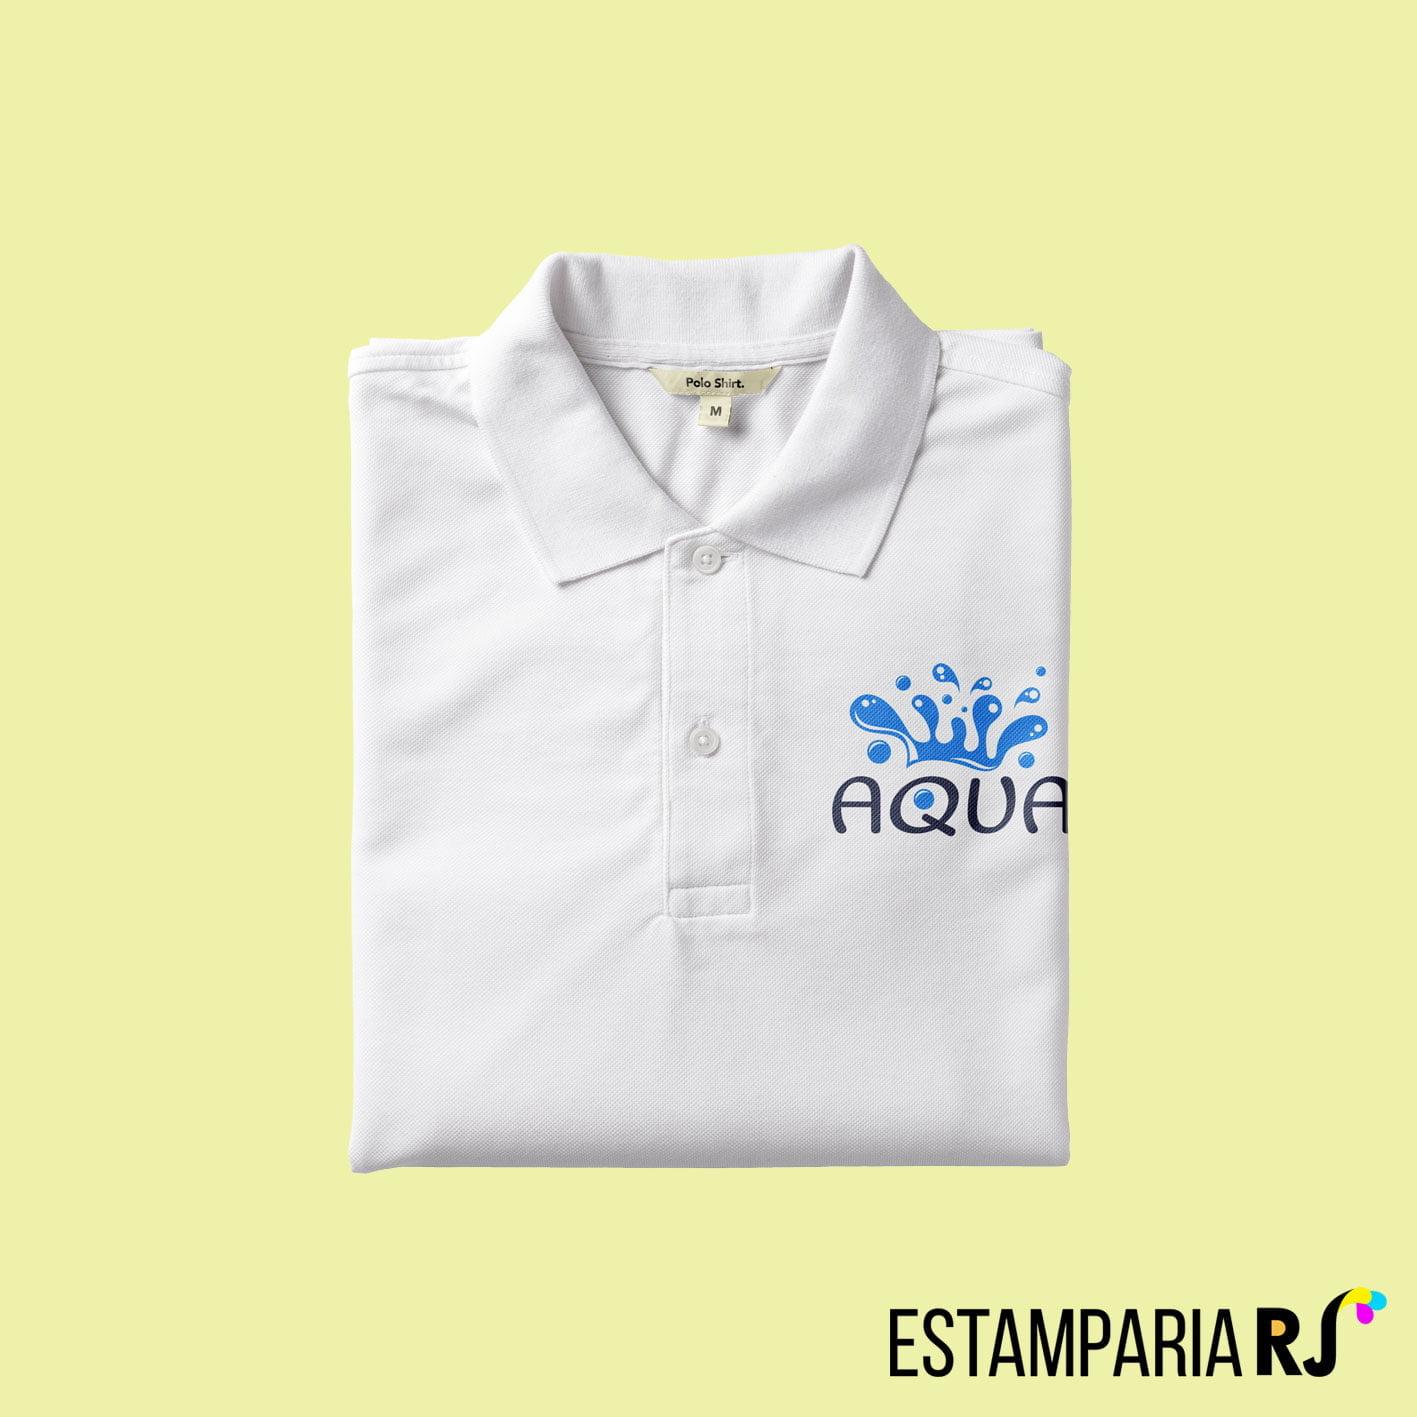 307545adc Camisa polo personalizada com frase